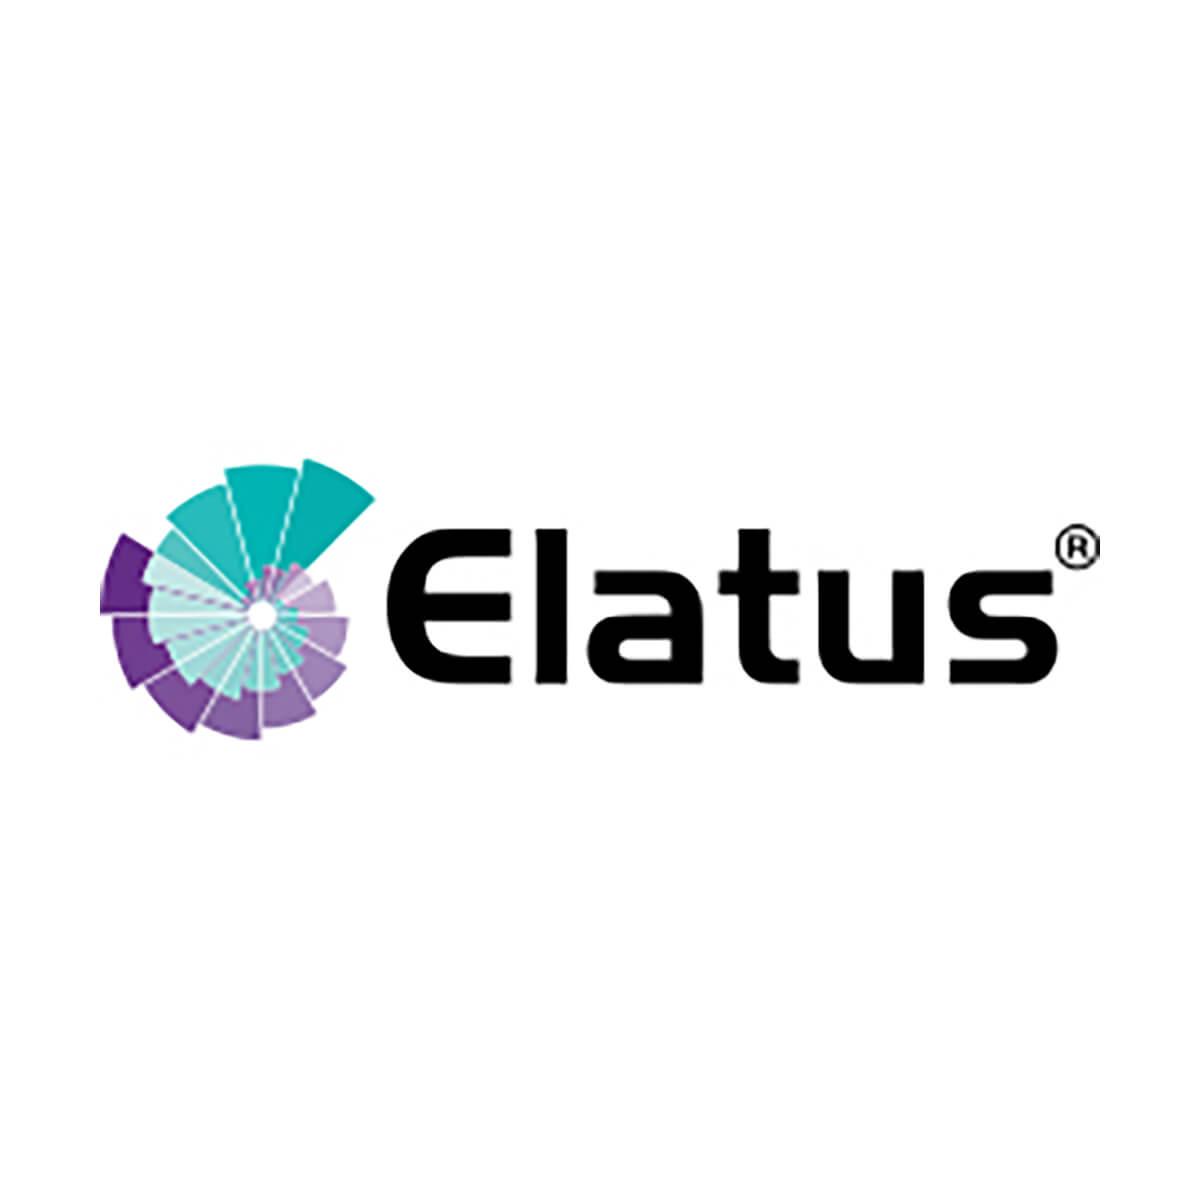 Elatus - 97.2L + 97.2L Tote